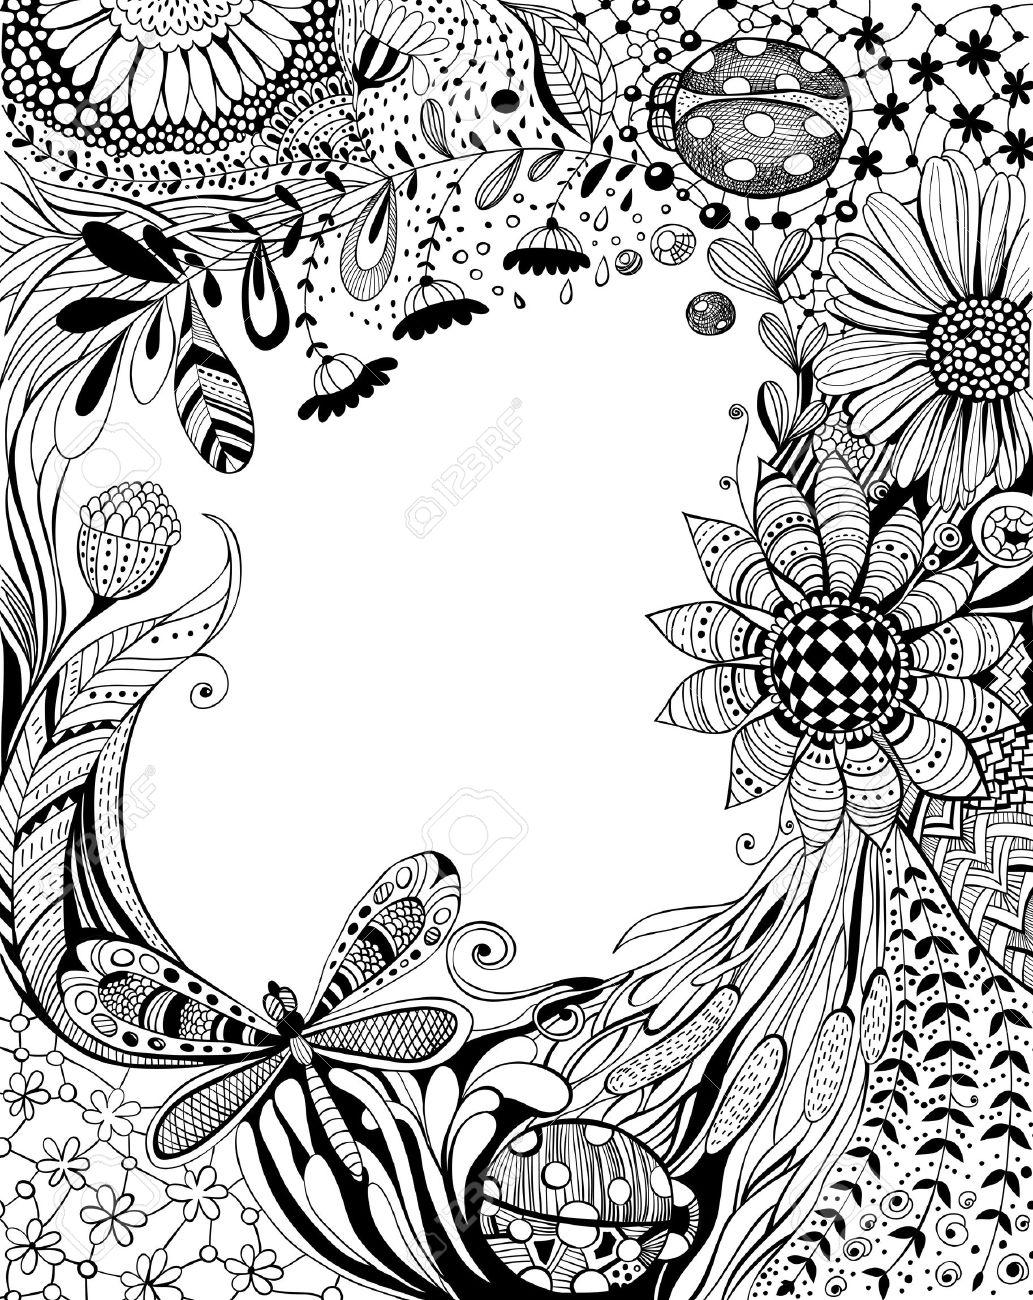 Floral Dessiné Avec Fleurs Décoratives Des Feuilles De Lherbe Libellule Coccinelles Et De Motifs Floraux Et Géométriques Design Noir Et Blanc